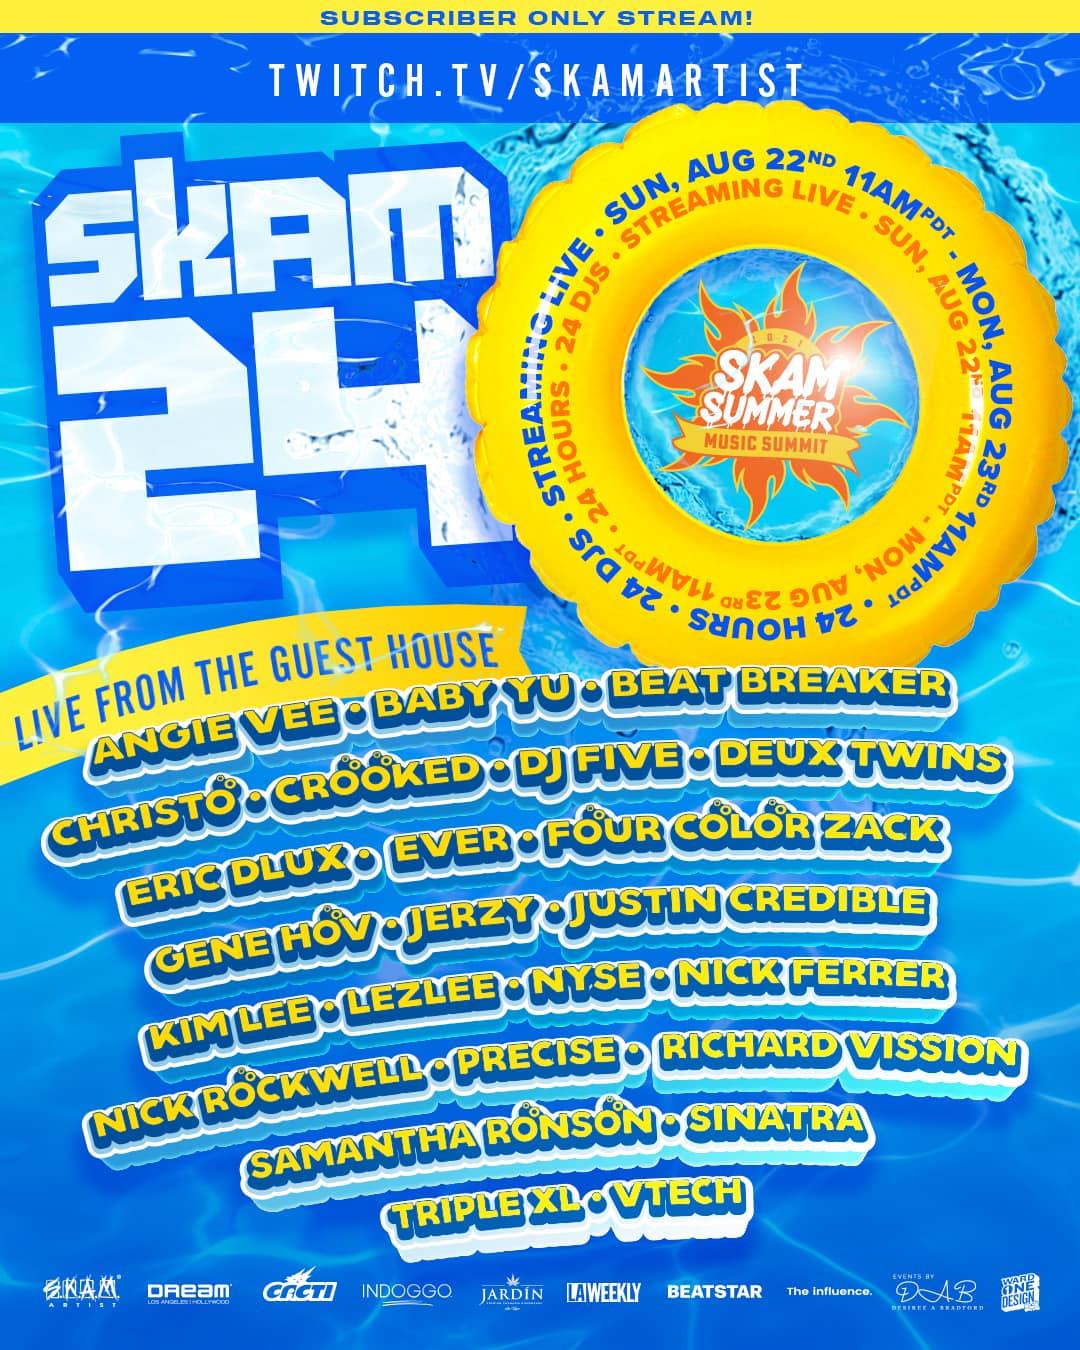 SkamSummer-SKAM24-1080x1350